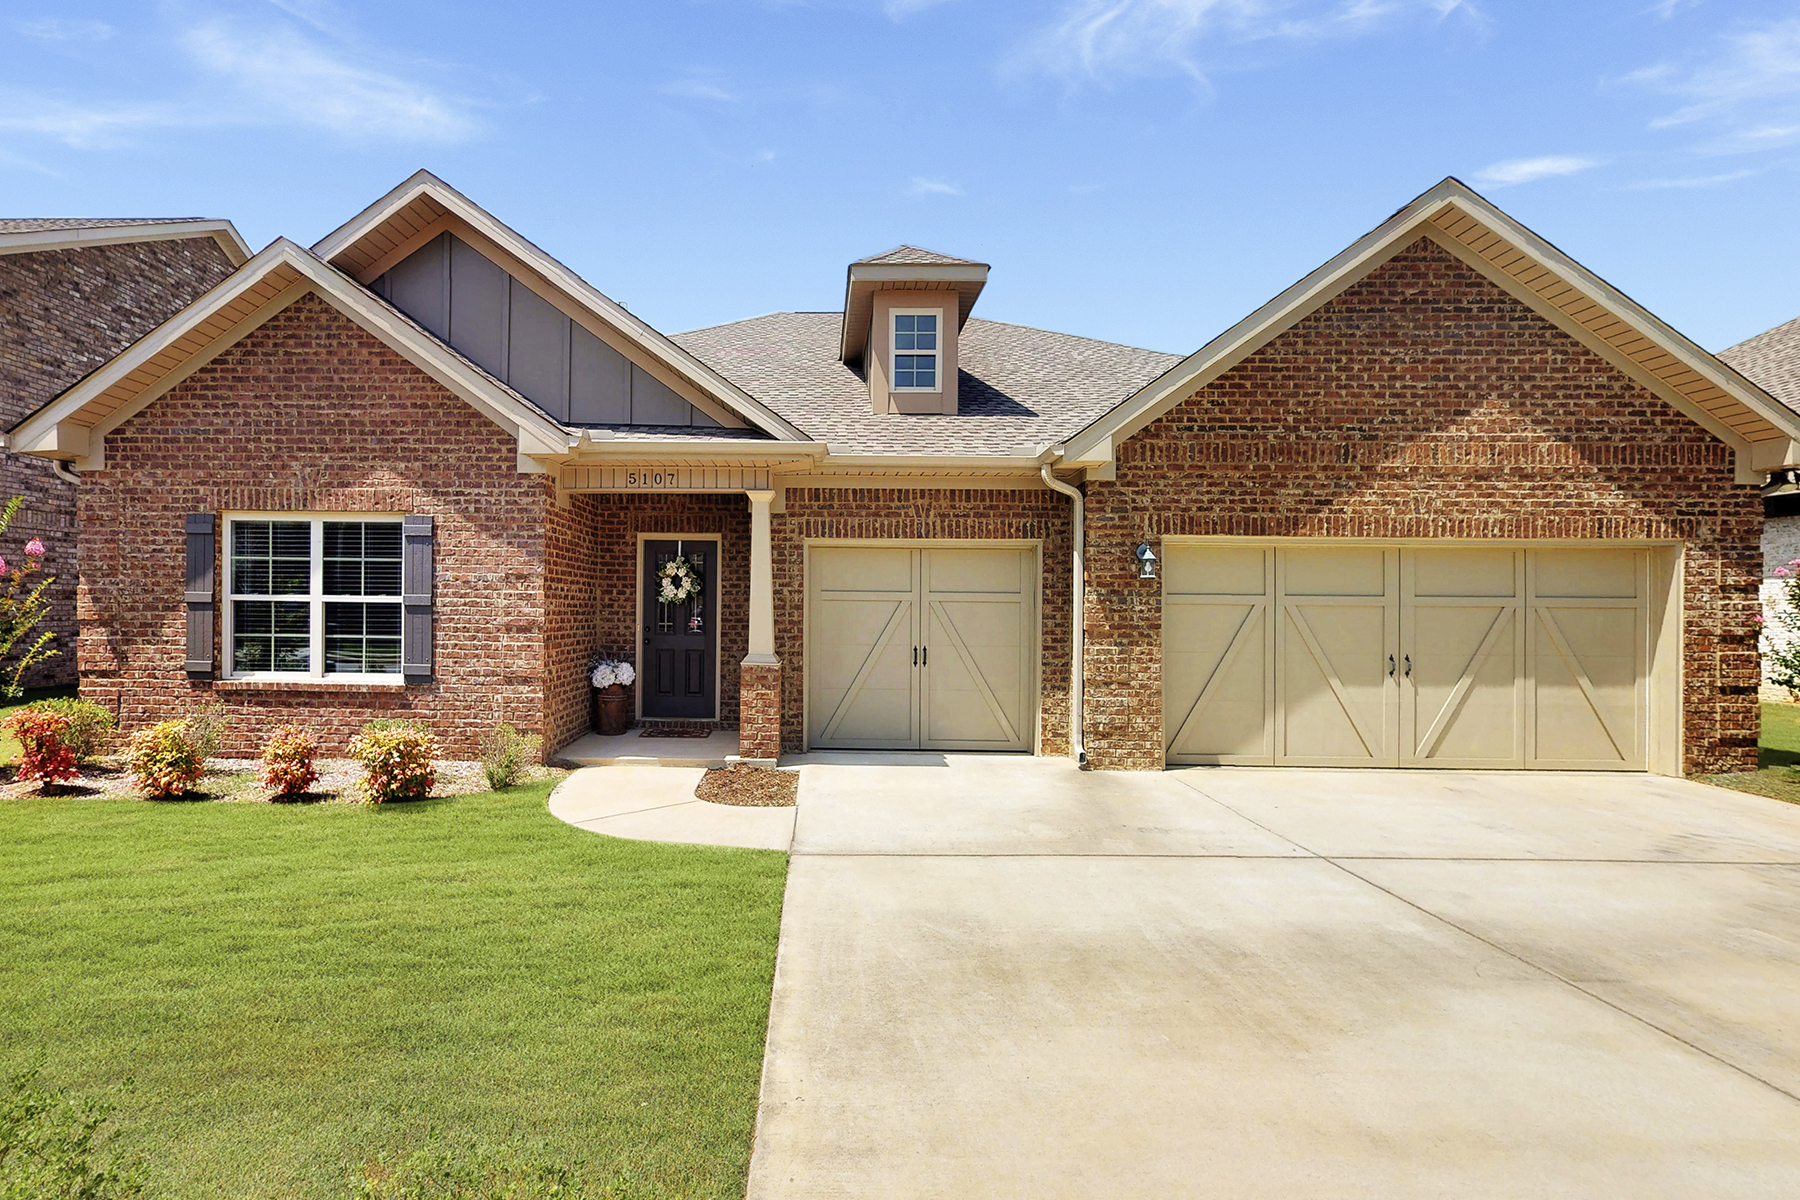 Single Family Homes por un Venta en 5107 Devobsire Drive 5107 Devonshire Drive Owens Cross Roads, Alabama 35763 Estados Unidos